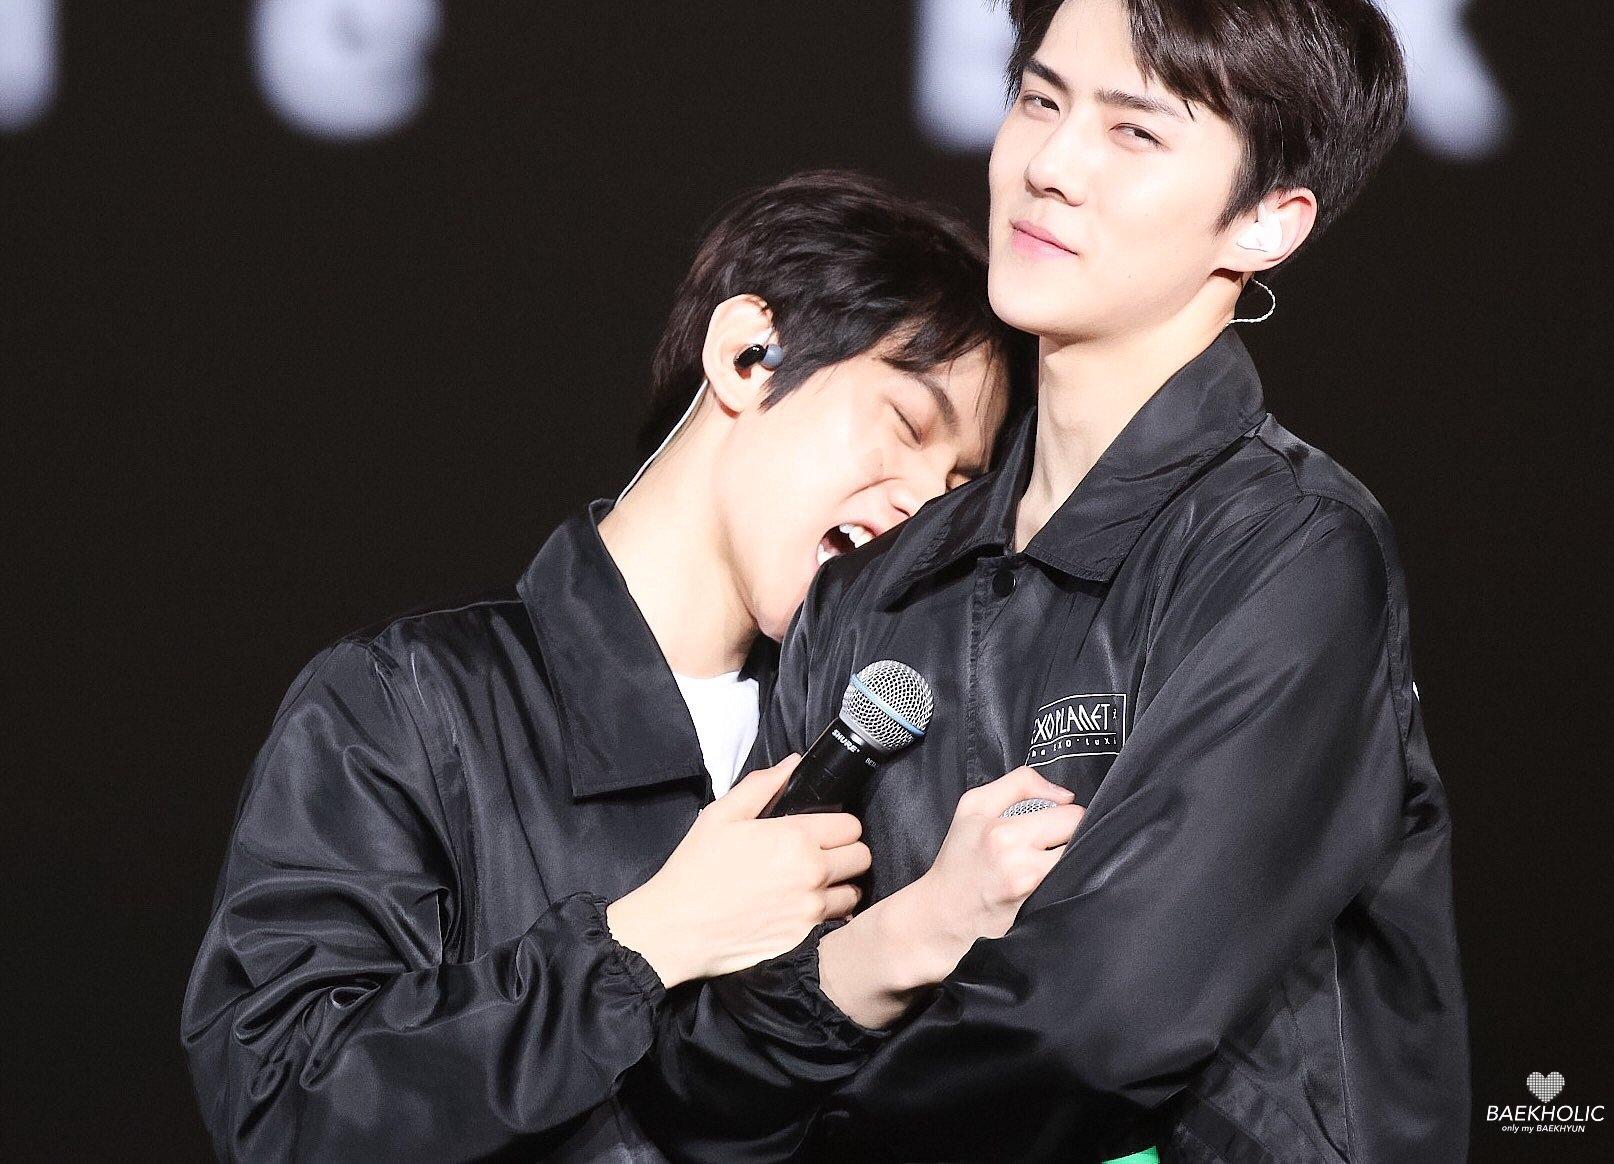 saehun and baekhyun